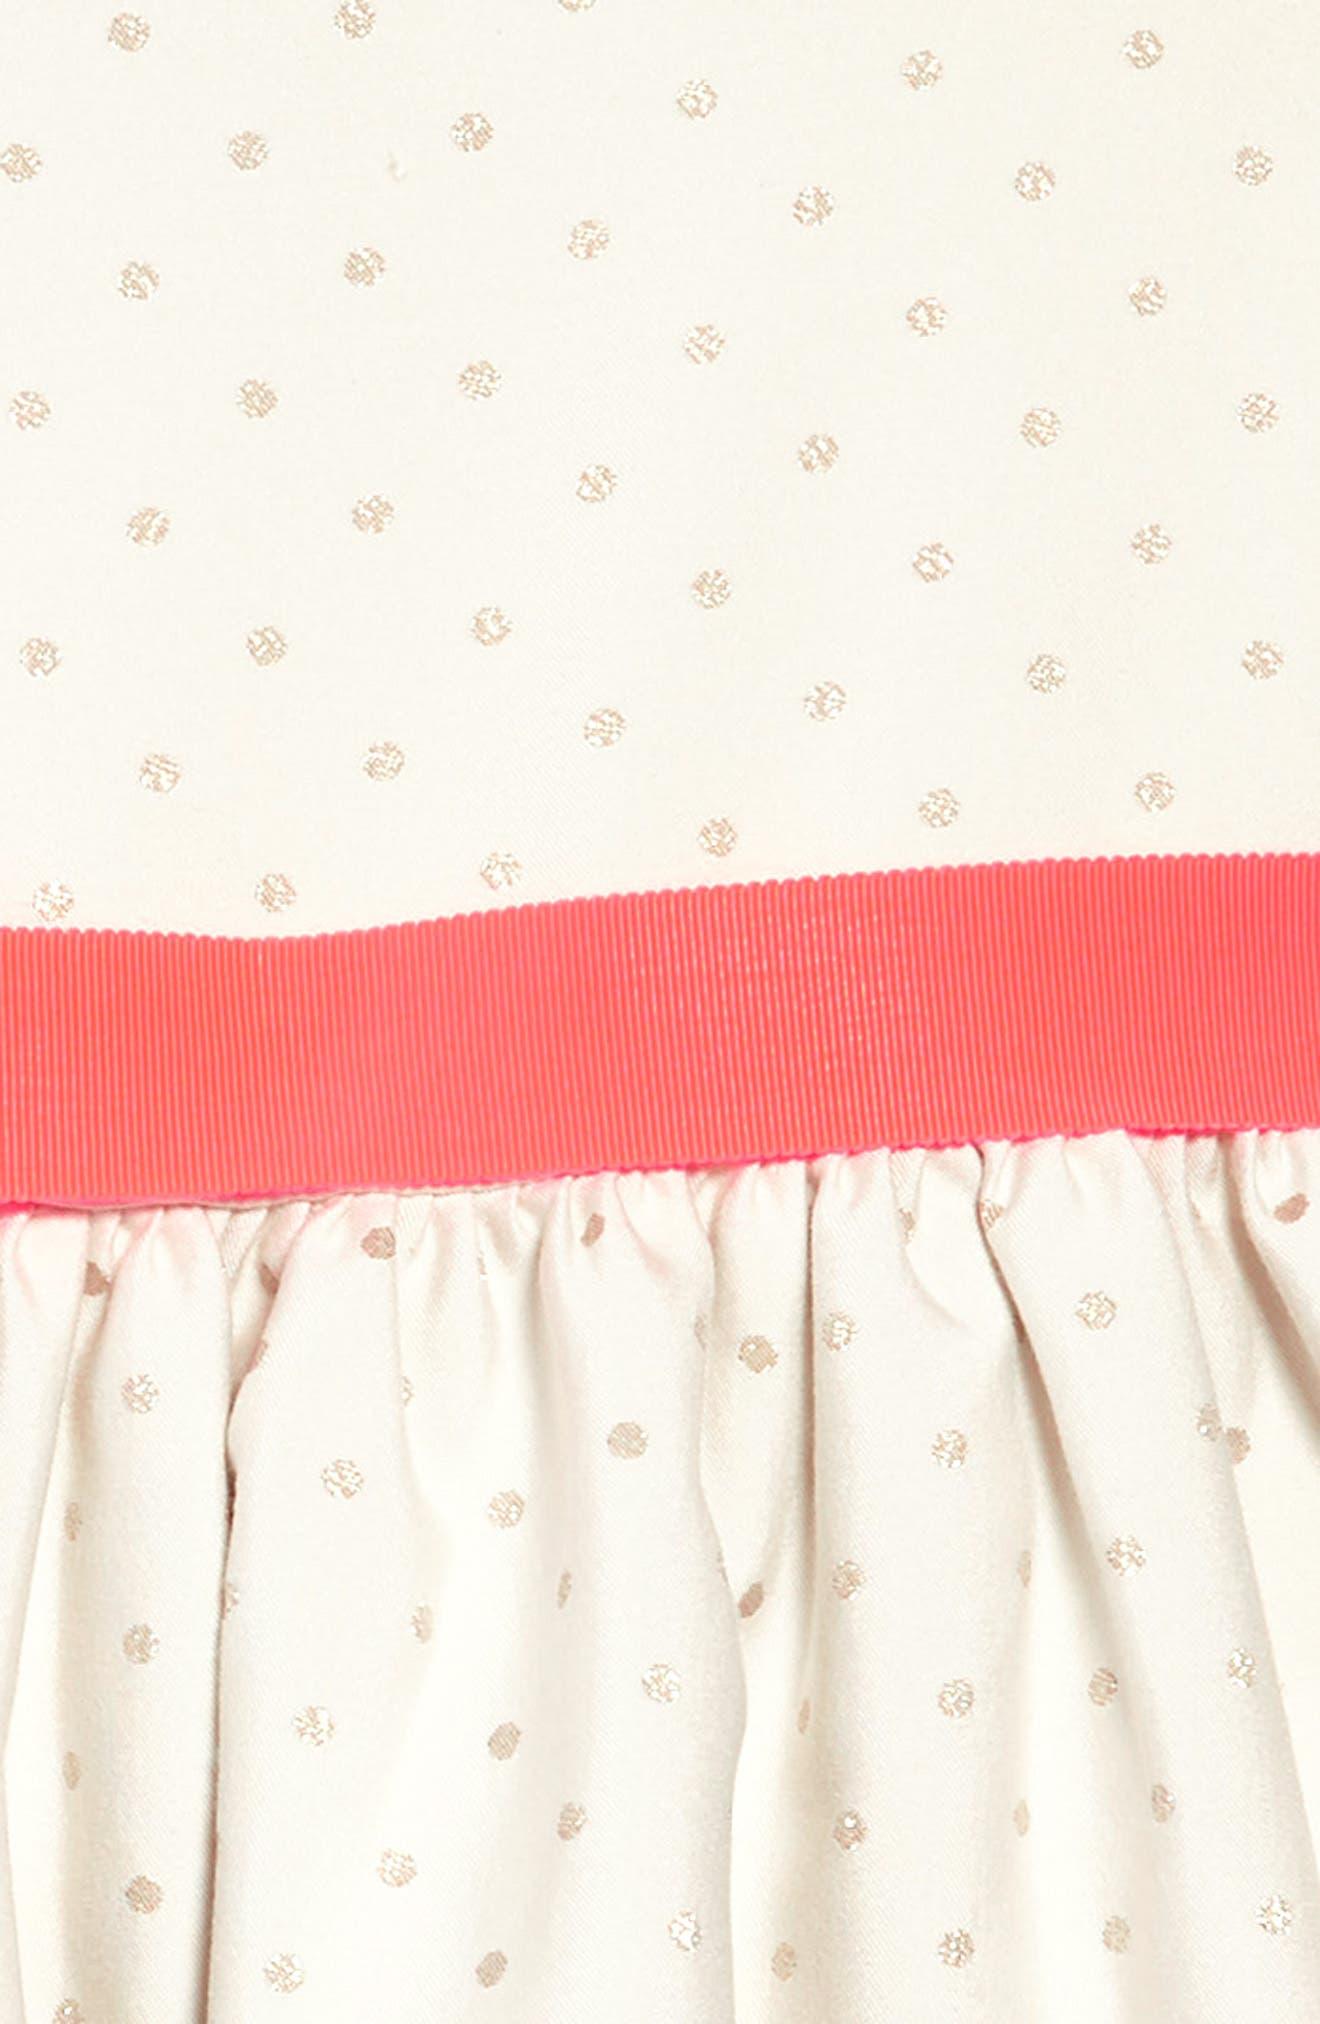 MINI BODEN,                             Metallic Dot Fit & Flare Dress,                             Alternate thumbnail 3, color,                             909